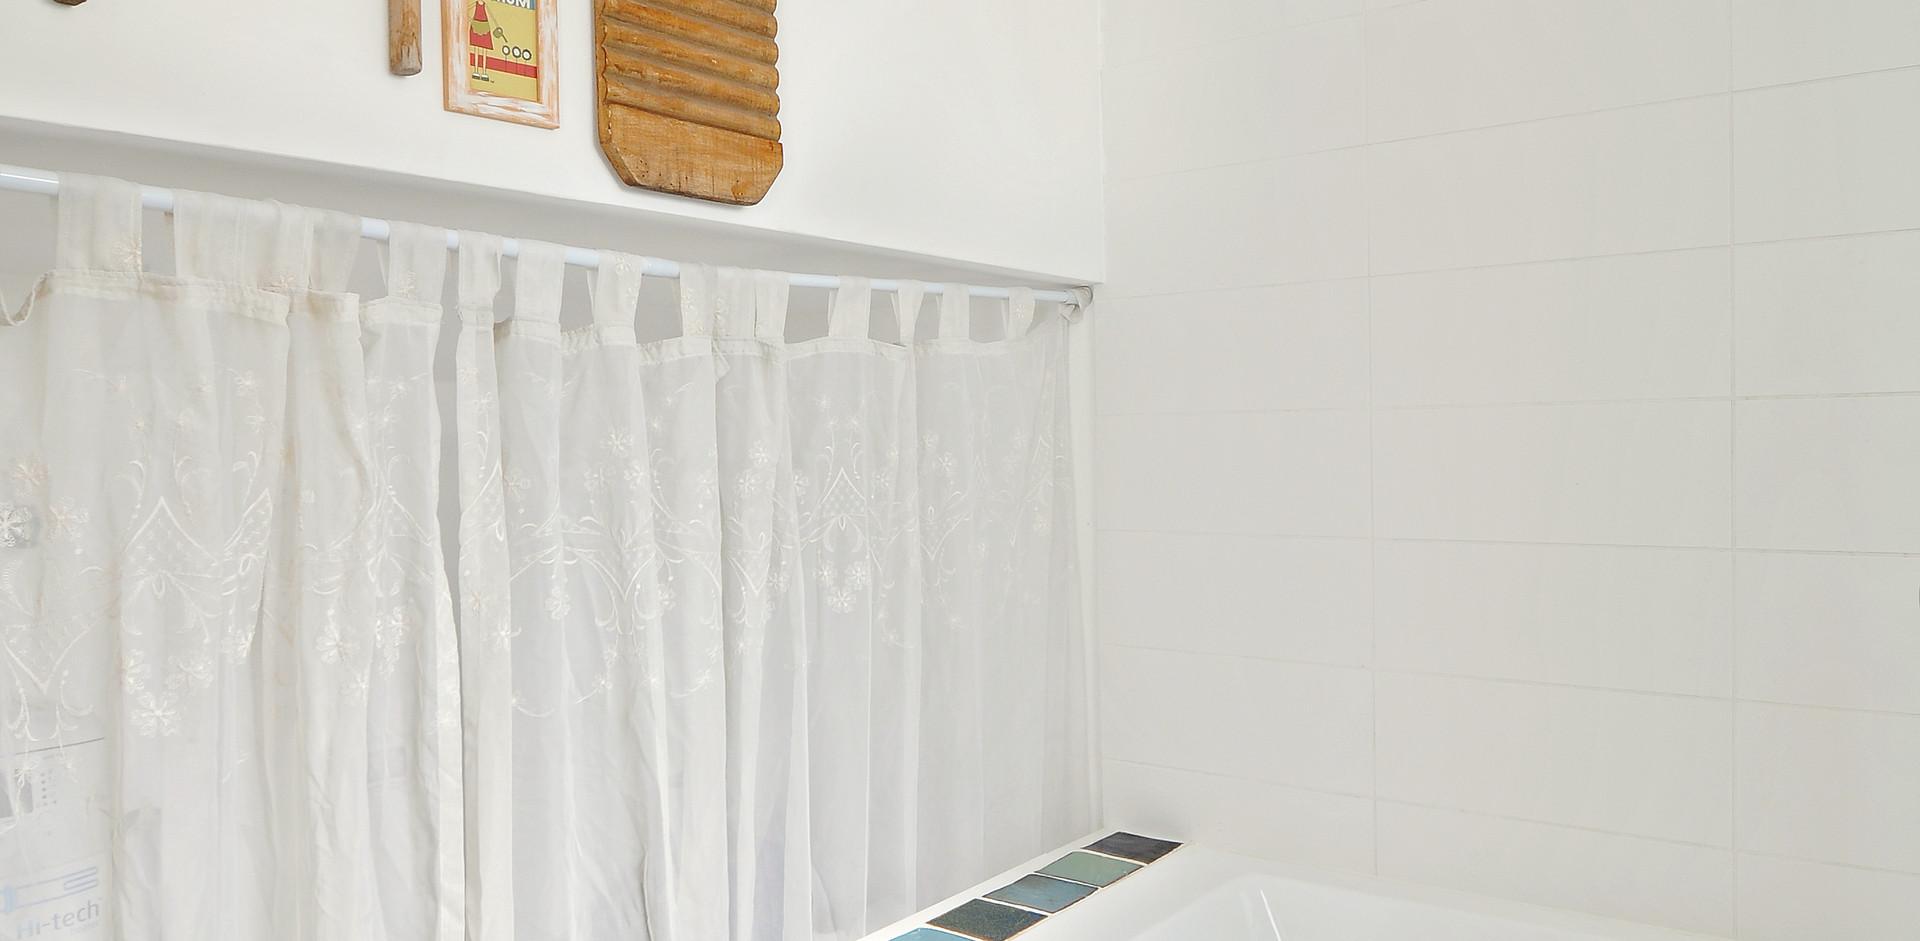 אריחים שיצרו בני הבית לחדר האמבטיה. חוויה עיצובית ייחודית